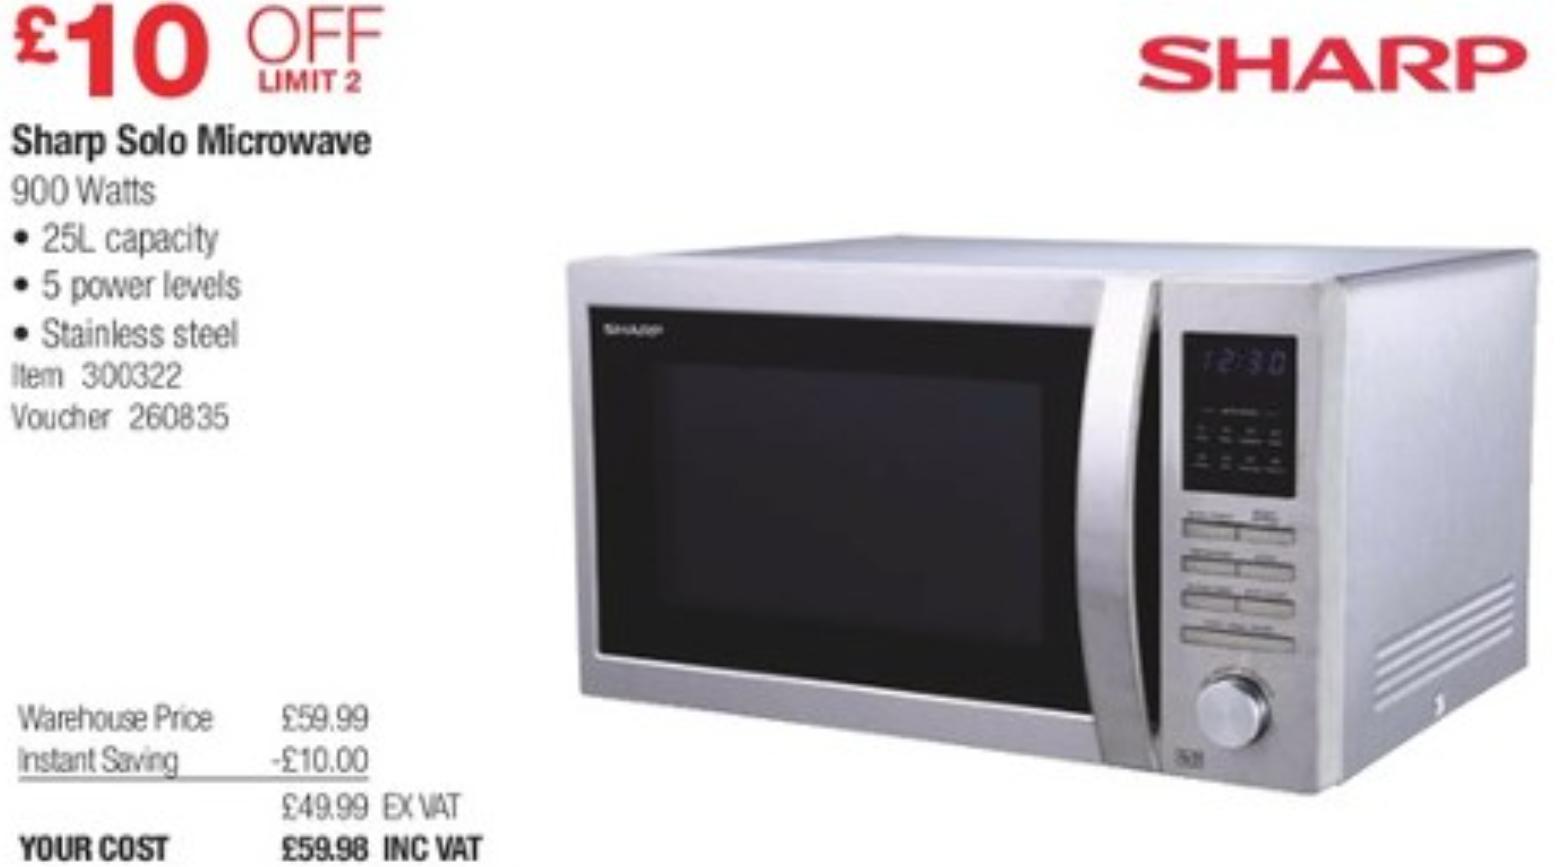 Sharp Solo Microwave 900w.. 25l £59.98 at Costco.